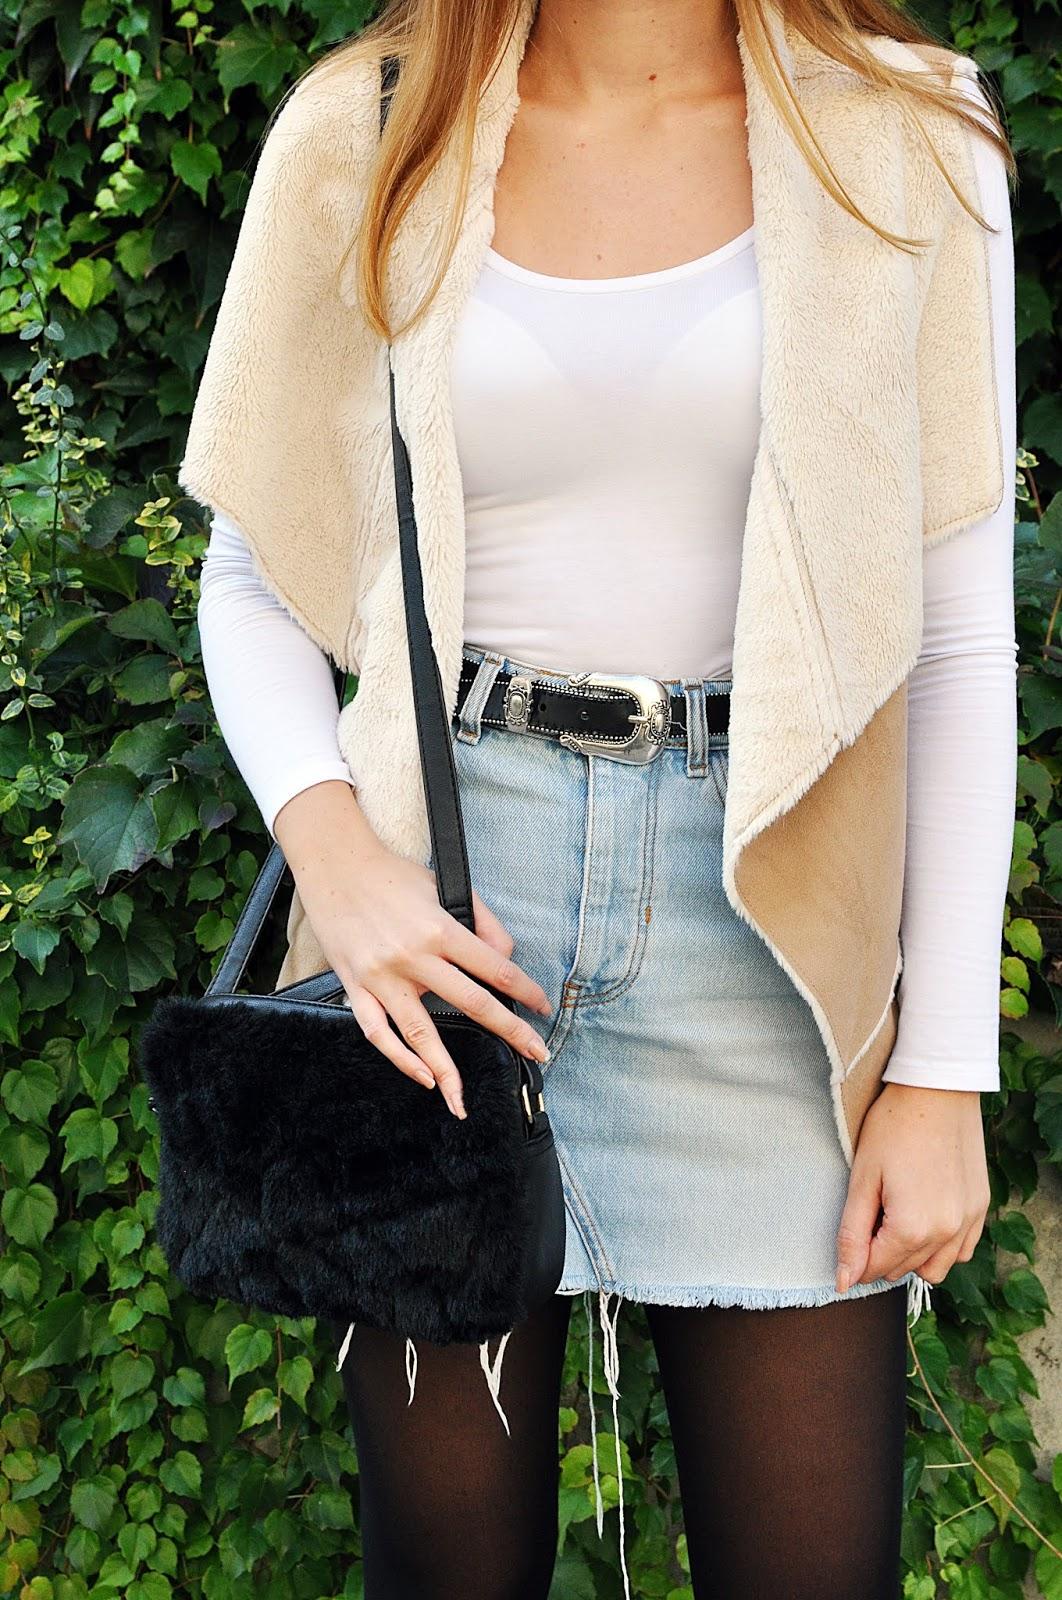 d62eb5ba95454 Naposledy som vyvetrala denimovú sukňu, kým na ňu ešte nieje zima. A tiež  som zvolila moju obľúbenú vestu. Rozmýšľa, že by sa mi páčila aj bunda v  takomto ...